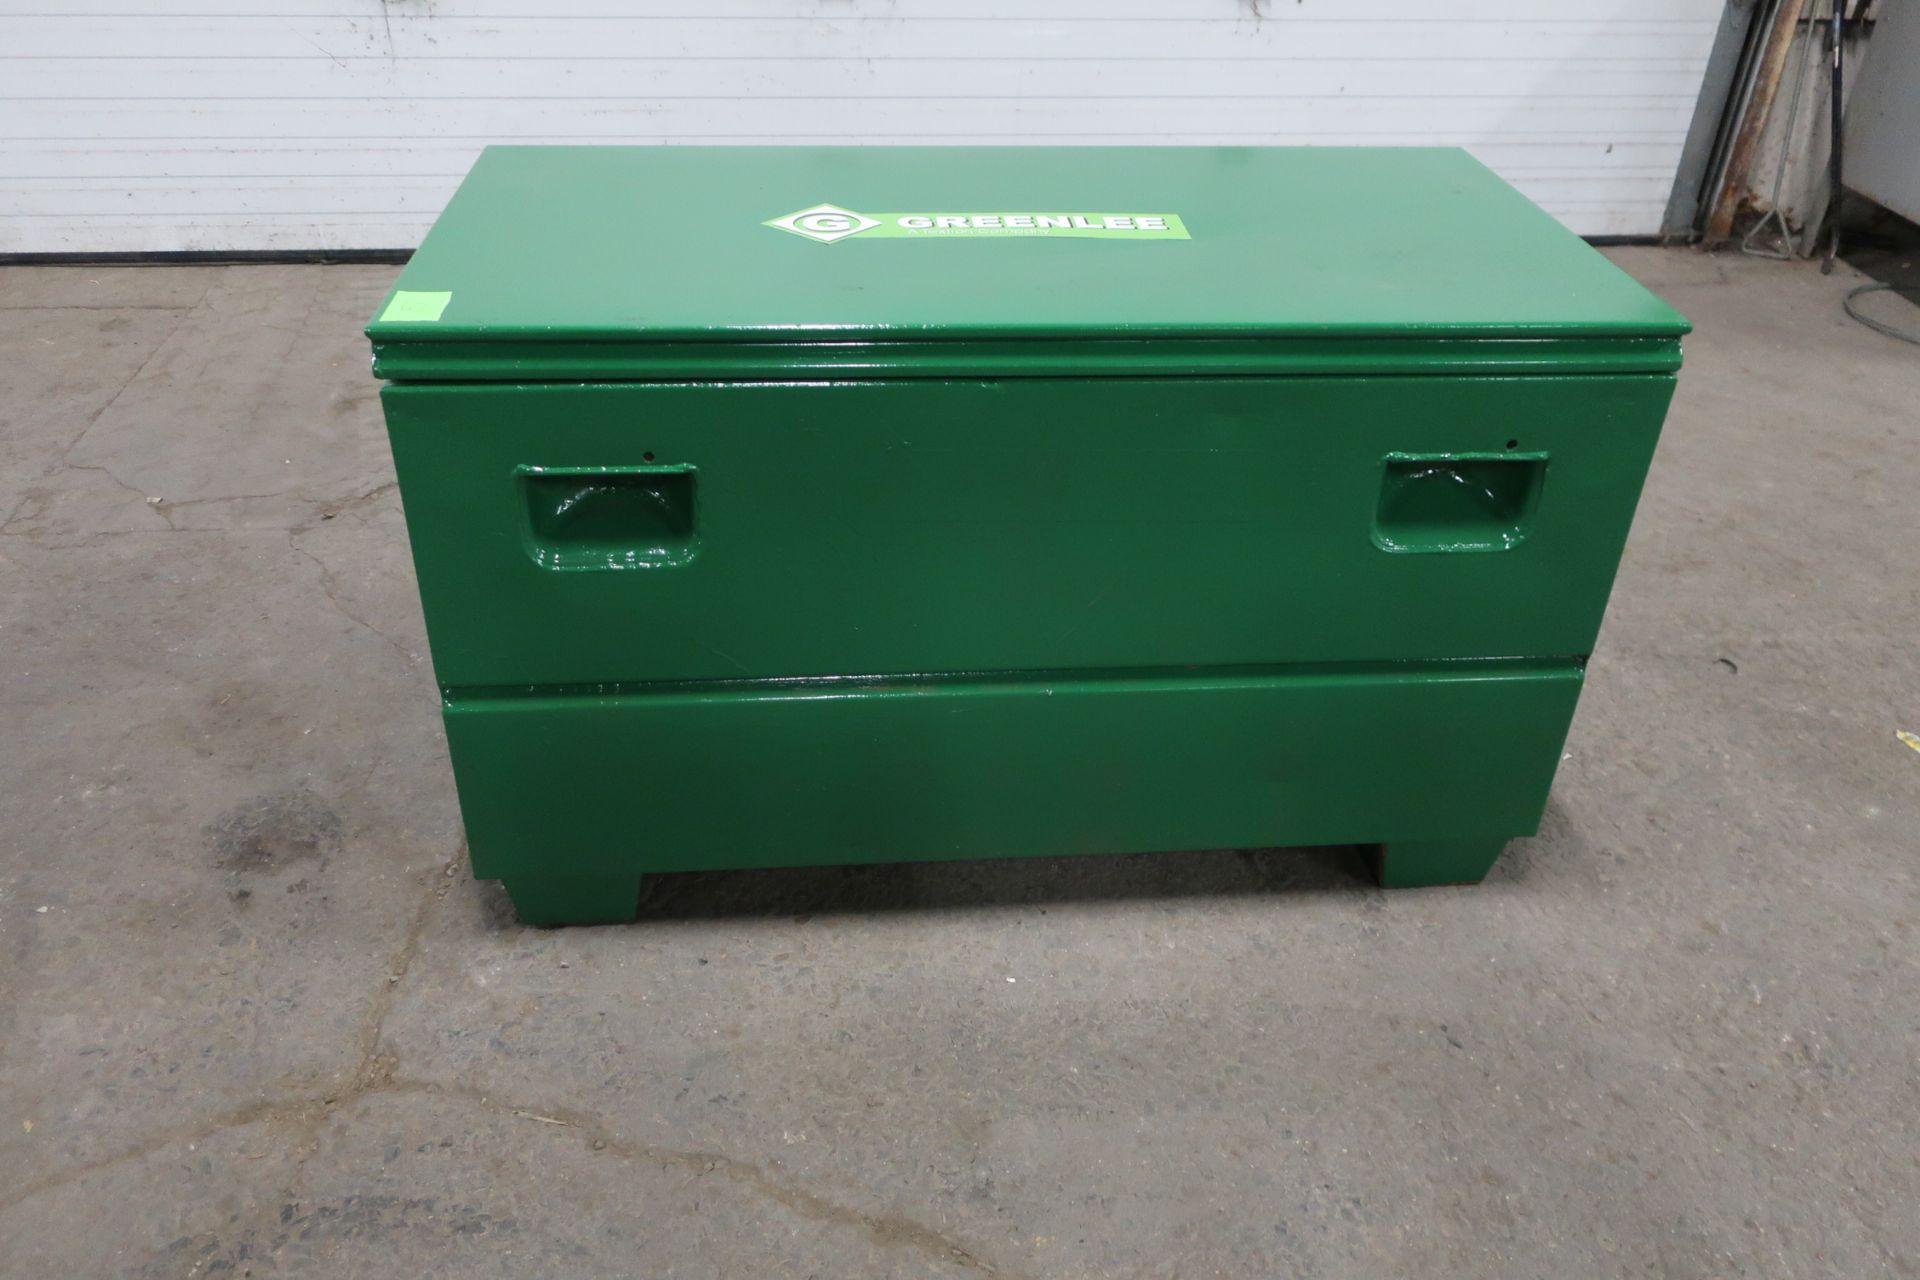 Greenlee Tool Box Jobox 4' x 2' x 2'